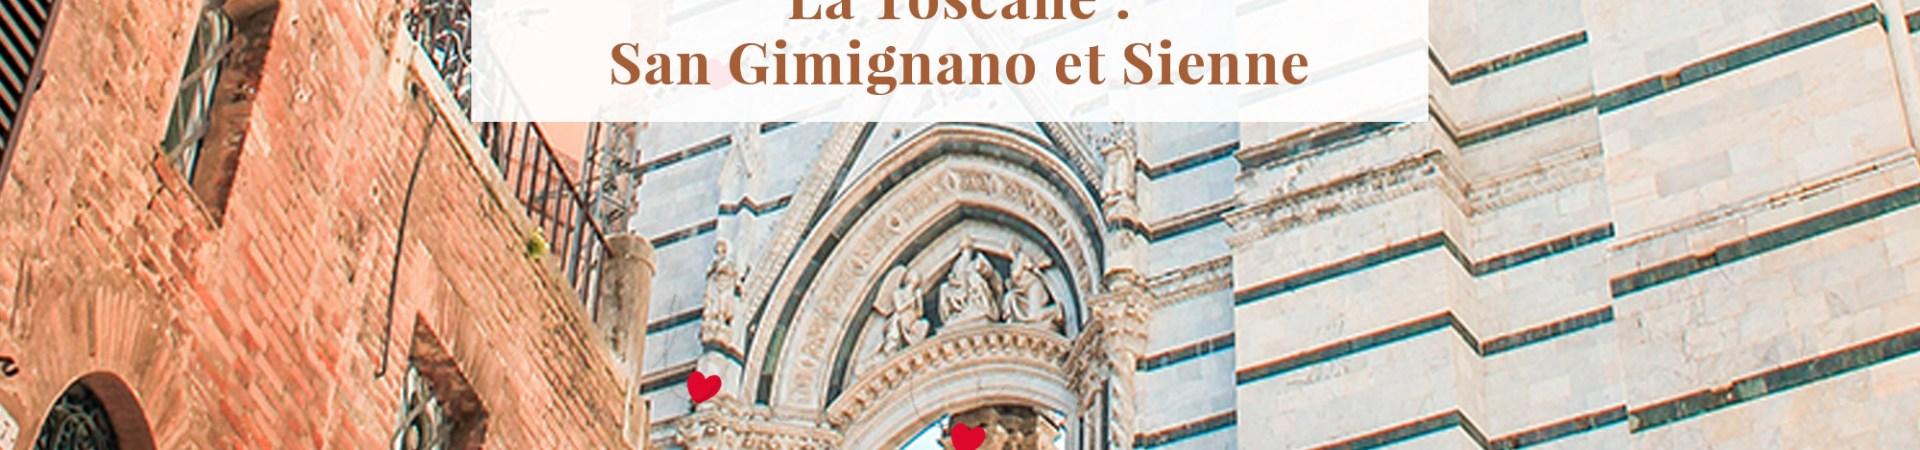 Road-trip-en-Italie-Sienne-Drawingsandthings